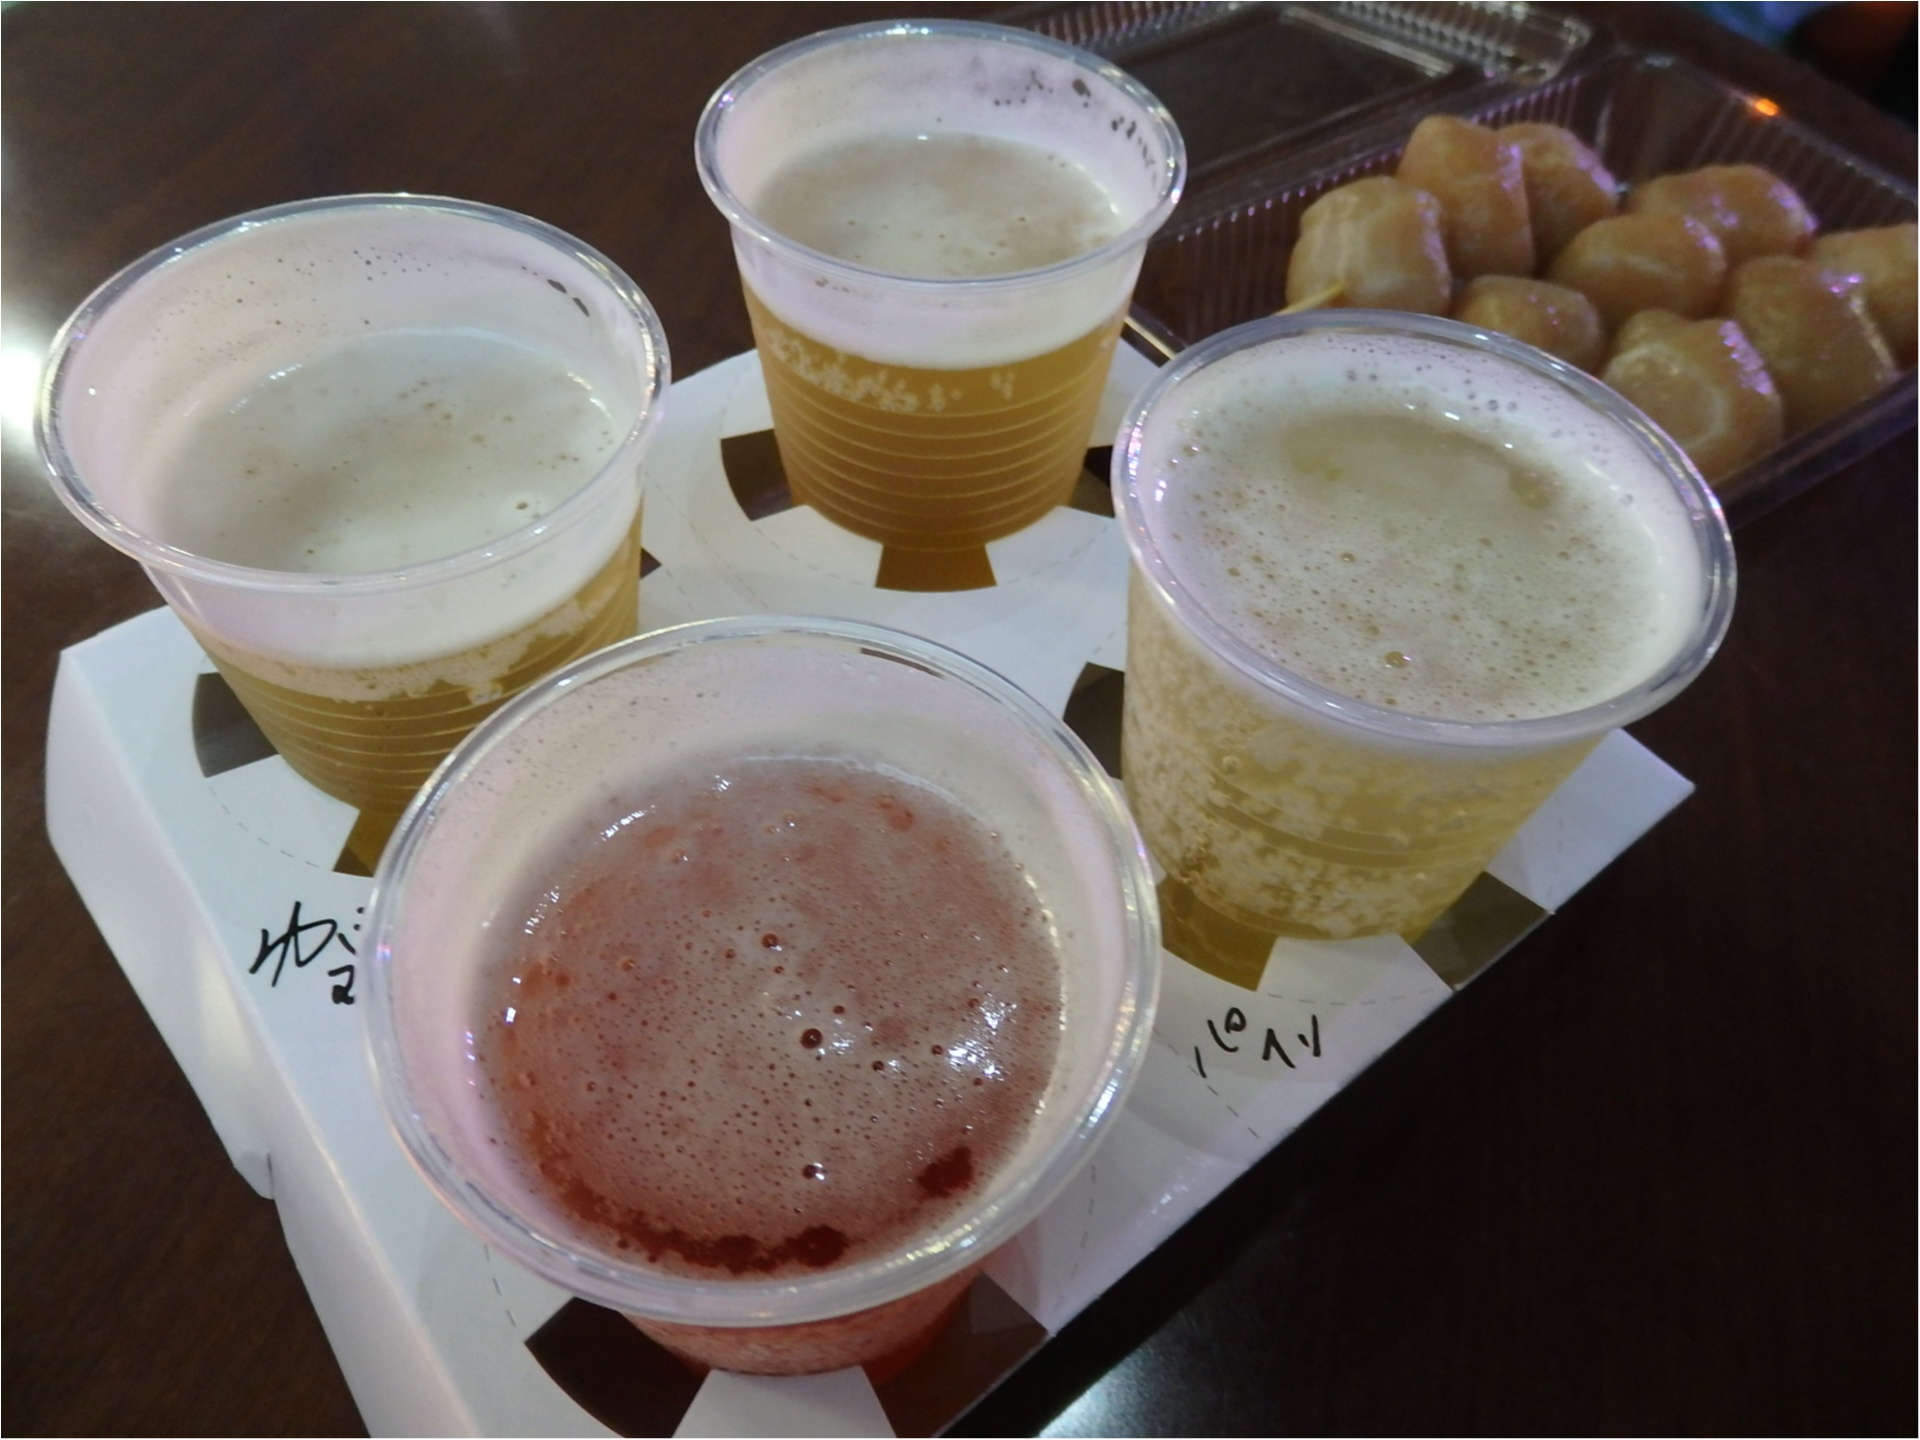 【速報】けやきひろば秋のビール祭り本日からスタート♪気になる混雑具合や無料席の様子などレポします!_10